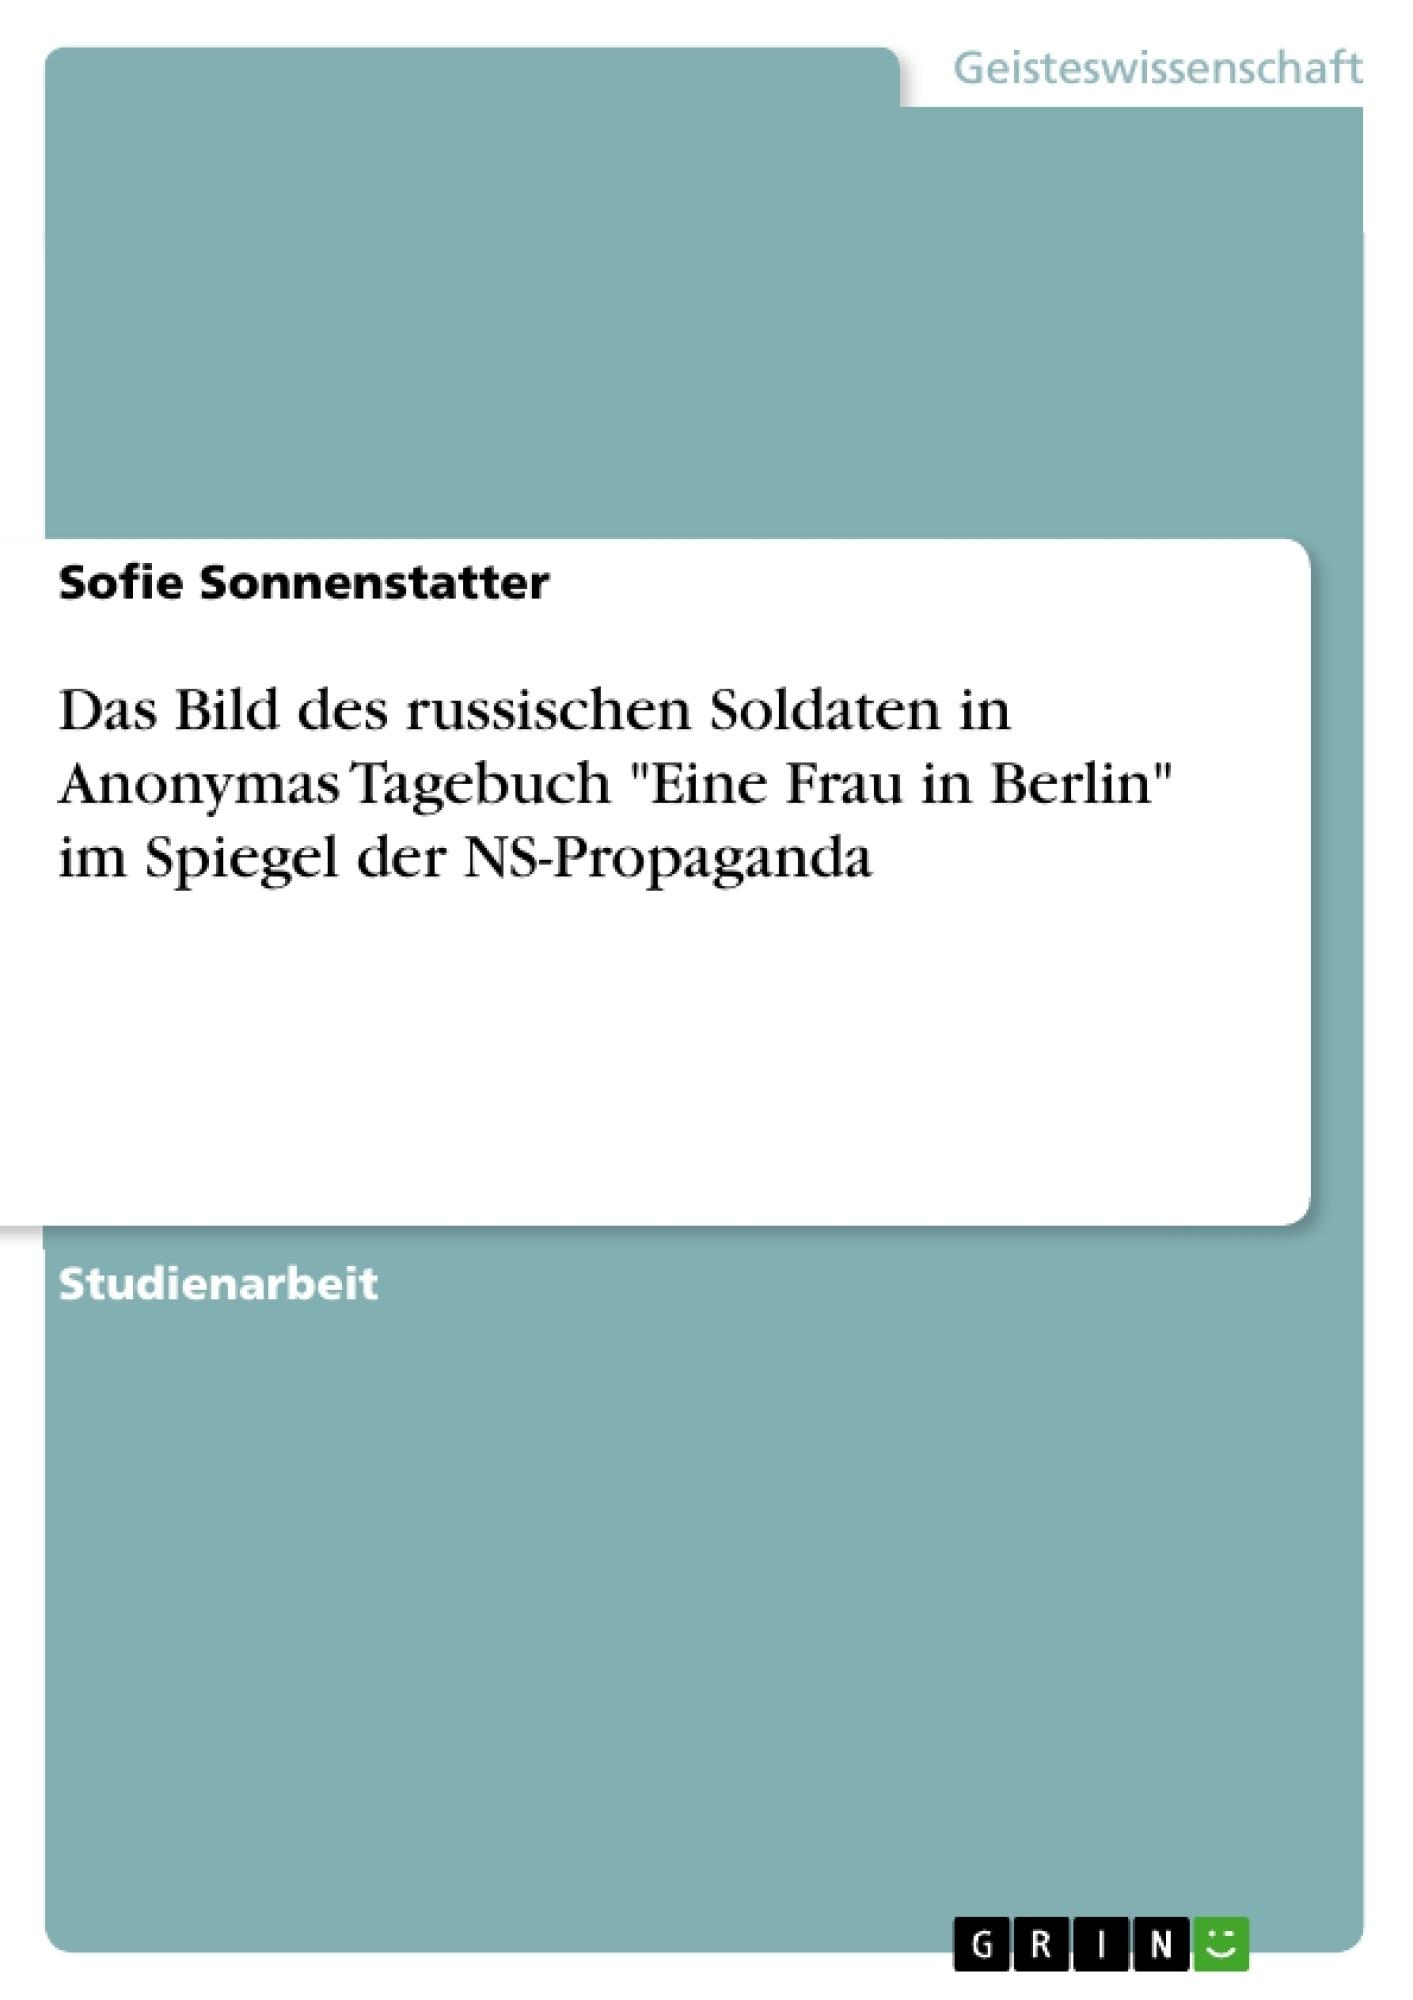 """Titel: Das Bild des russischen Soldaten in Anonymas Tagebuch """"Eine Frau in Berlin"""" im Spiegel der NS-Propaganda"""